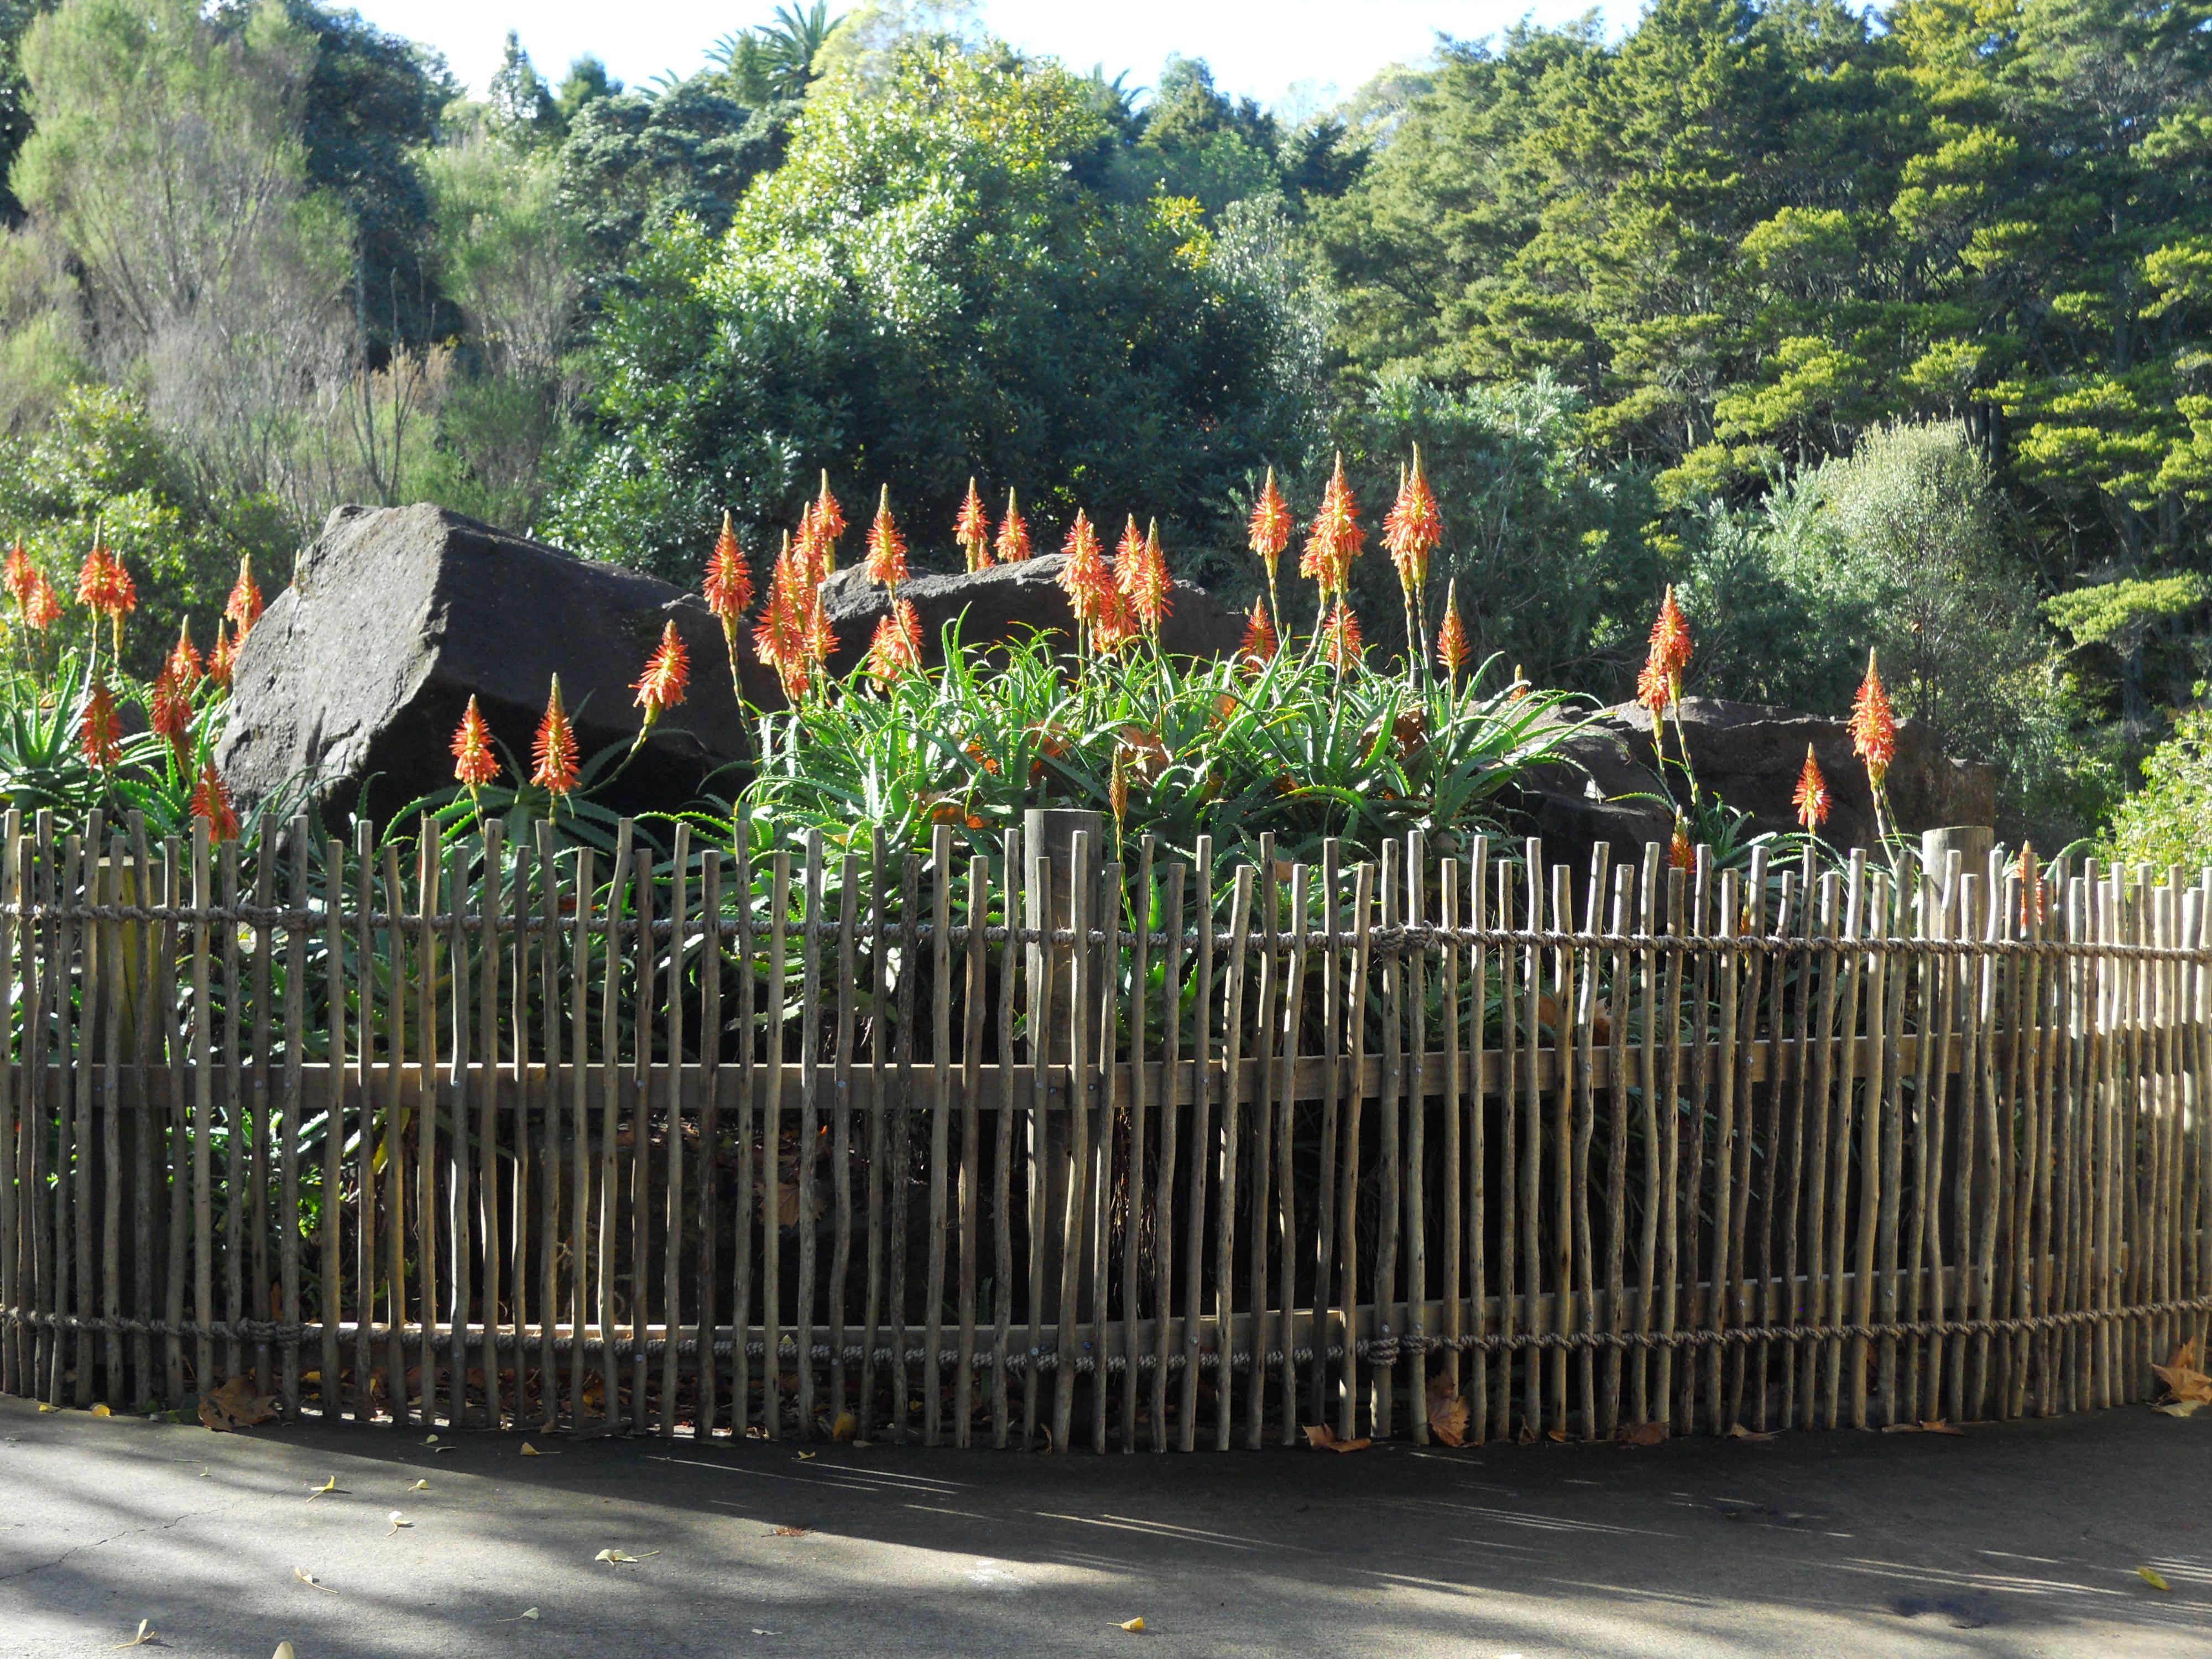 Rustic Eucalyptus Fencing from amaZulu Inc amaZulu